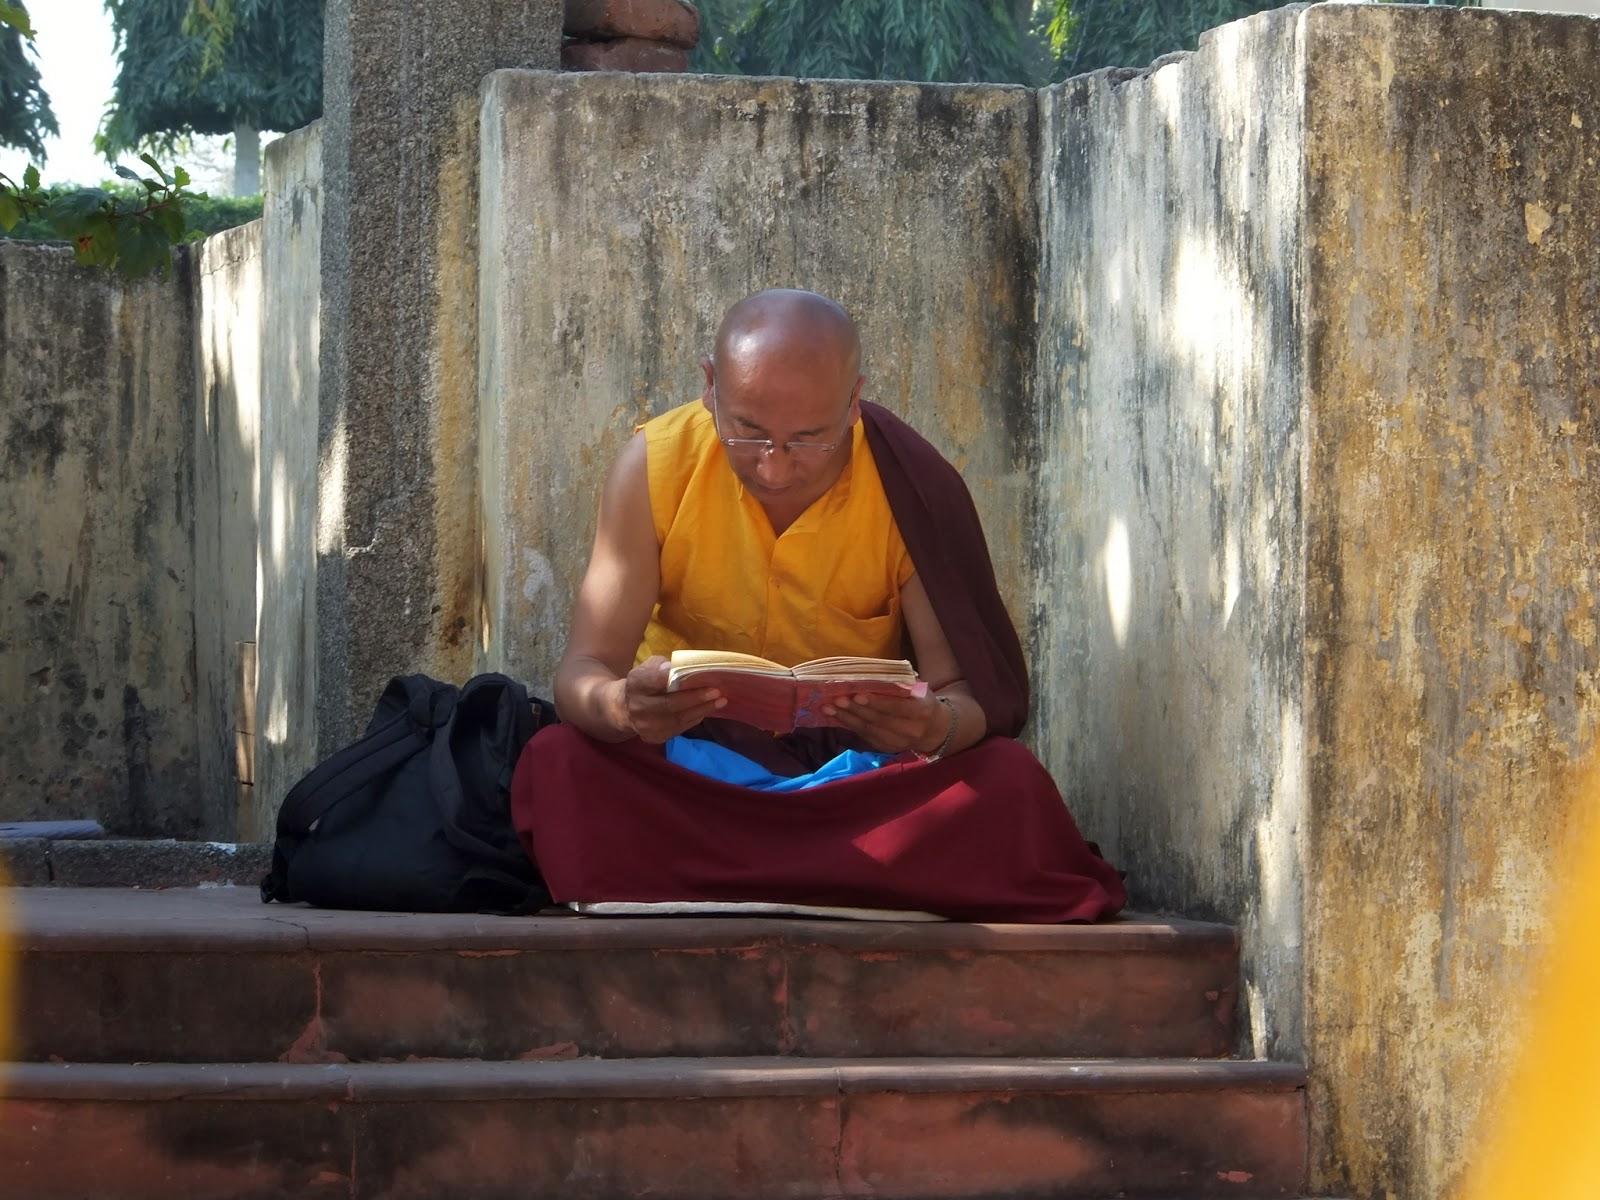 монах-буддист читает священный текст